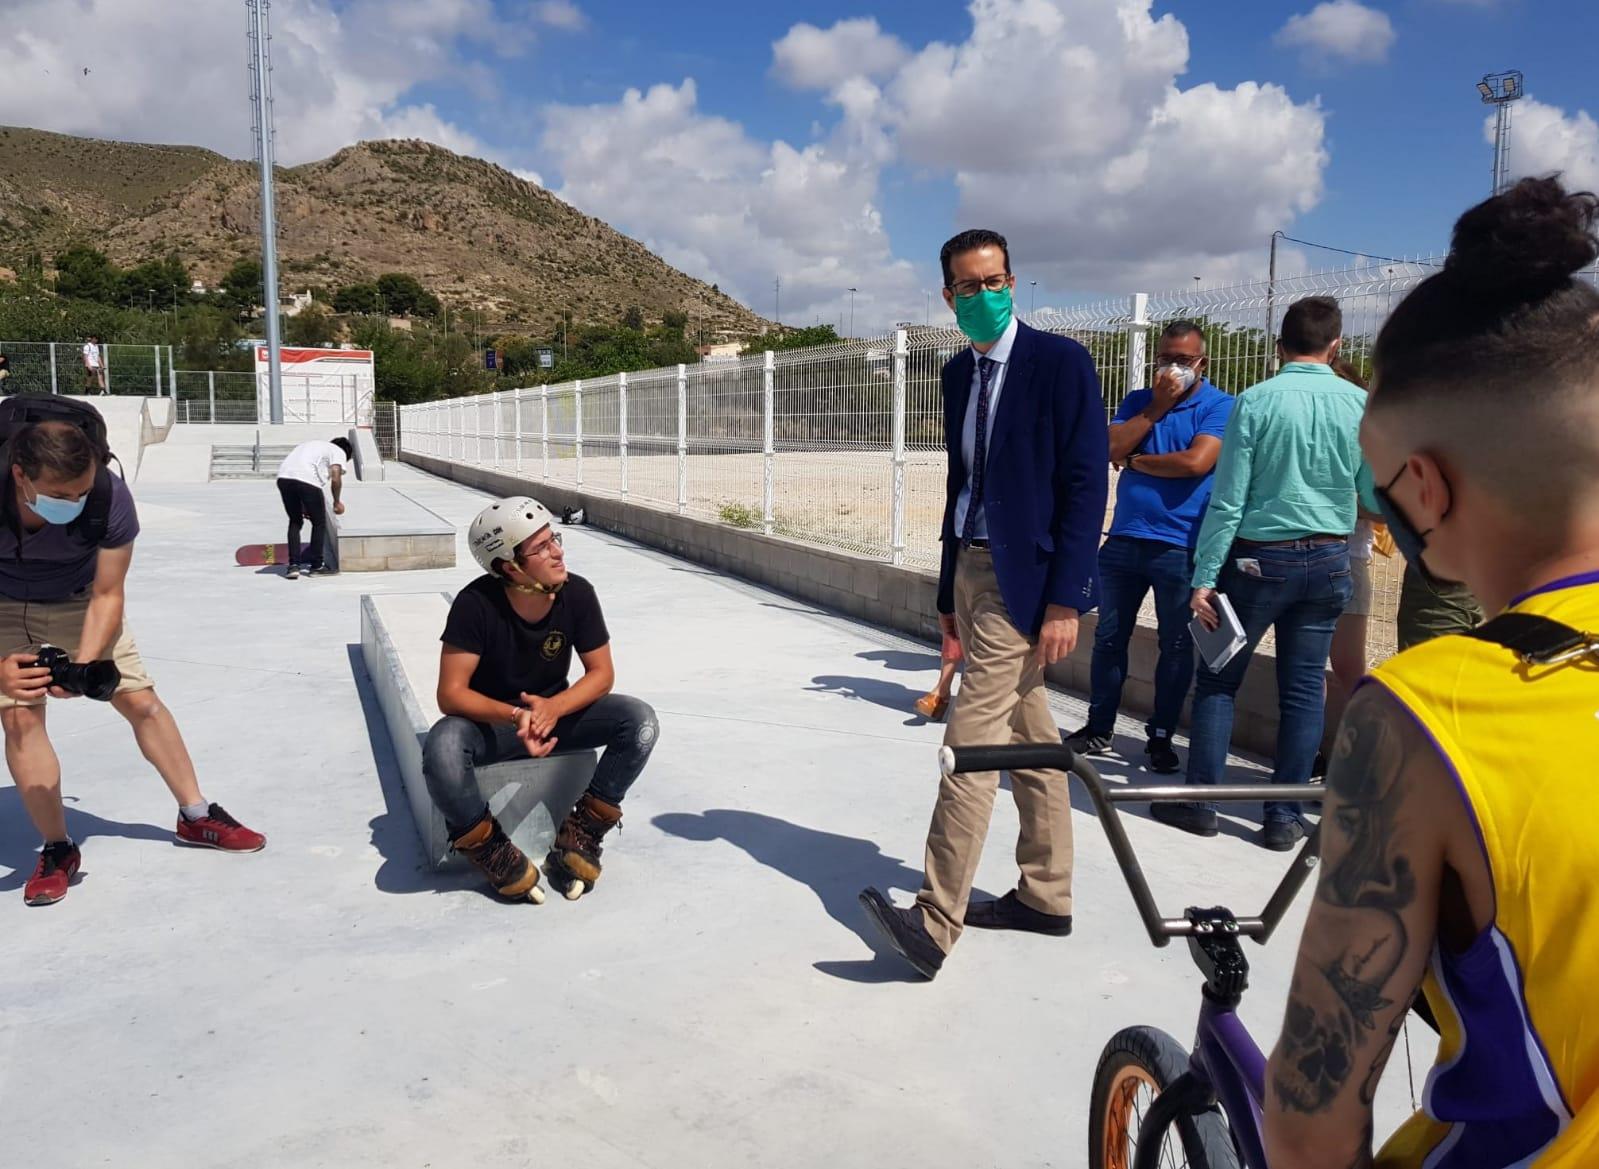 Elda pone en marcha a partir de hoy uno de los mejores Skate Park de la Comunidad Valenciana